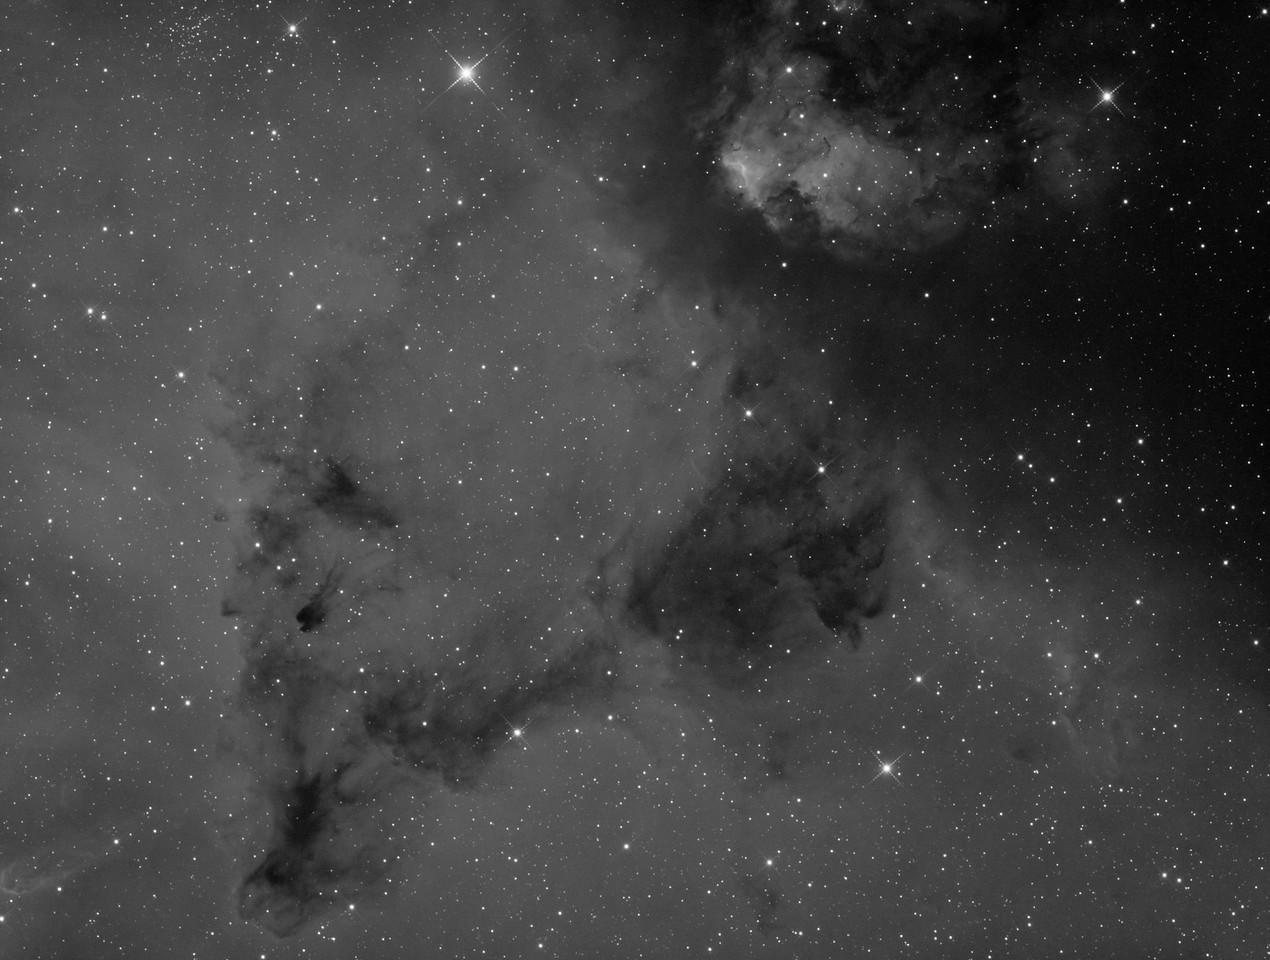 Barnard 39 in Monoceros